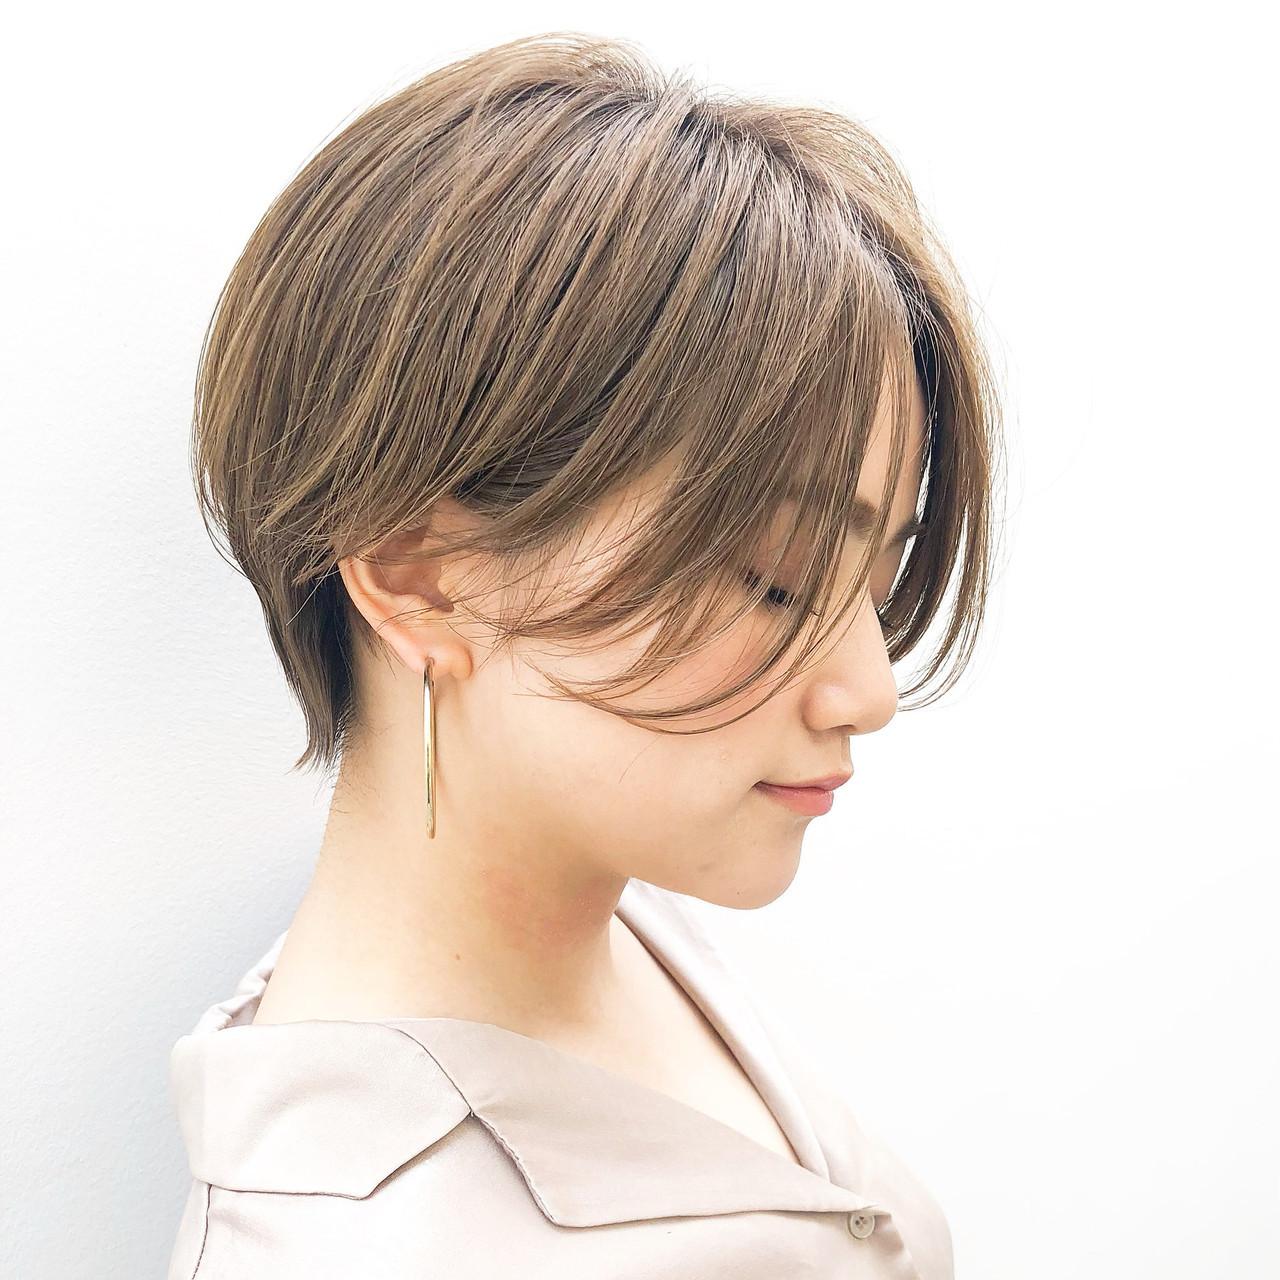 耳掛けショート ショートヘア 丸みショート 透明感カラー ヘアスタイルや髪型の写真・画像